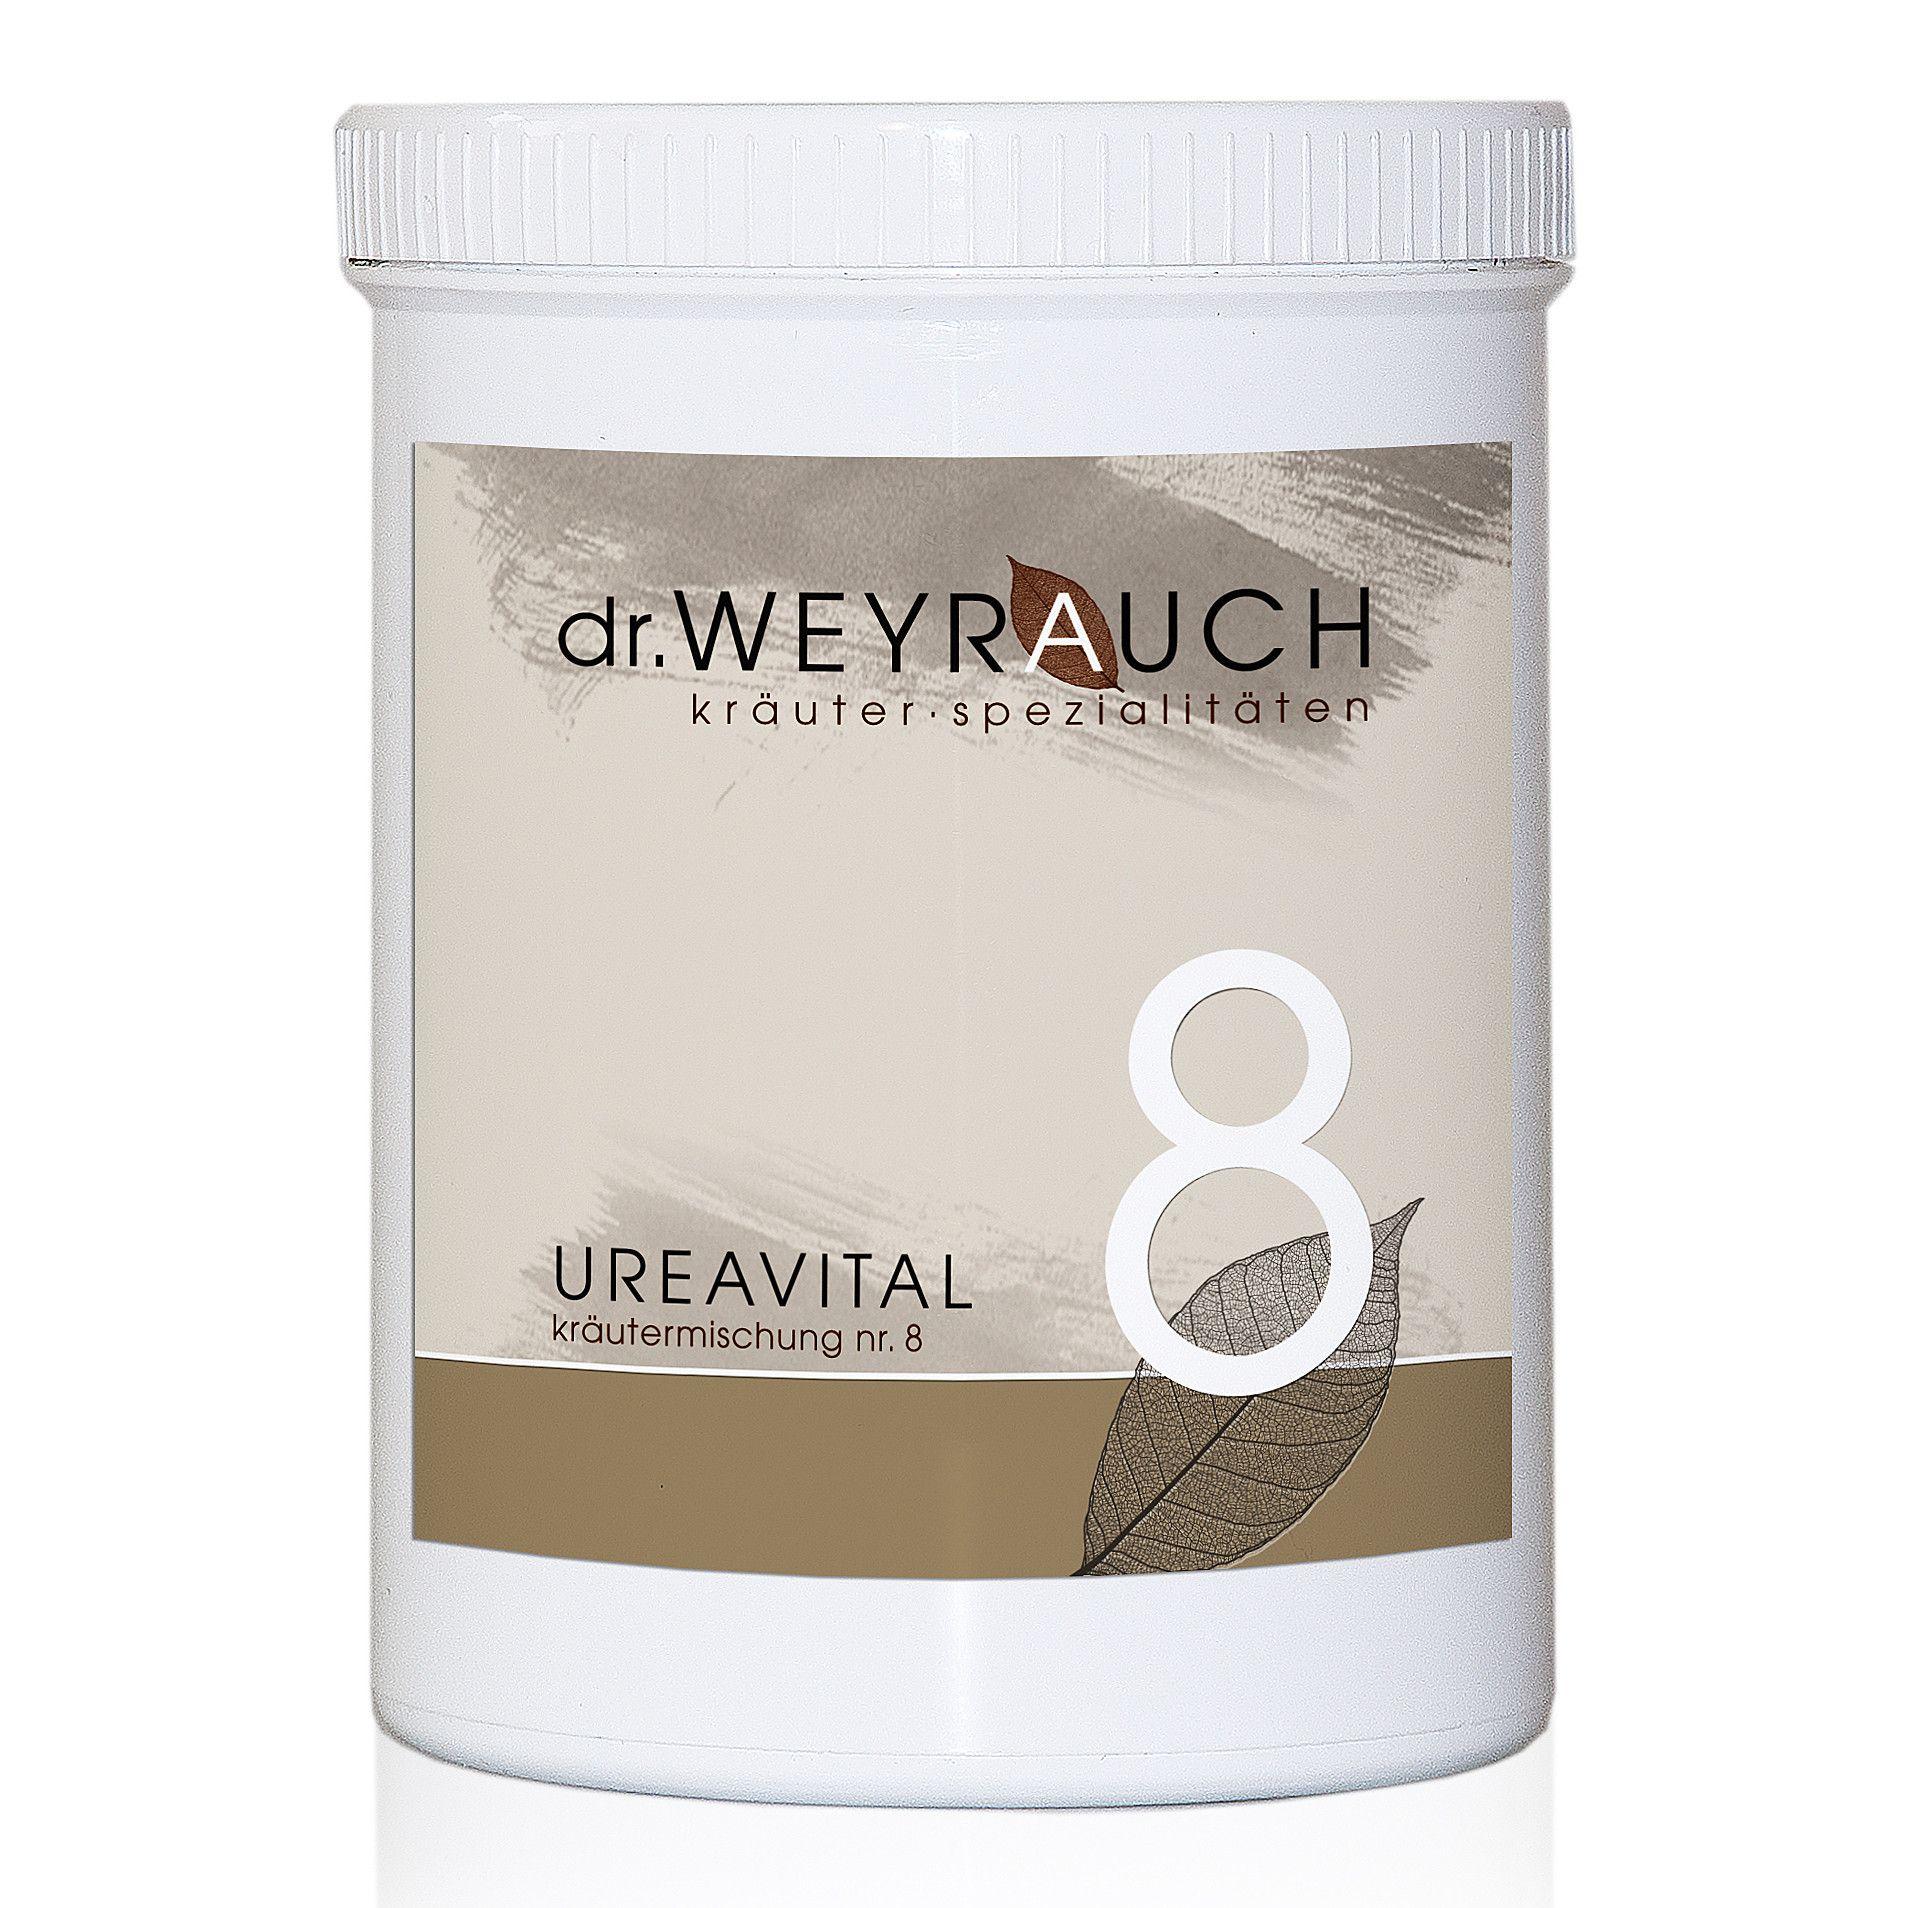 Dr. Weyrauch Nr. 8 Ureavital